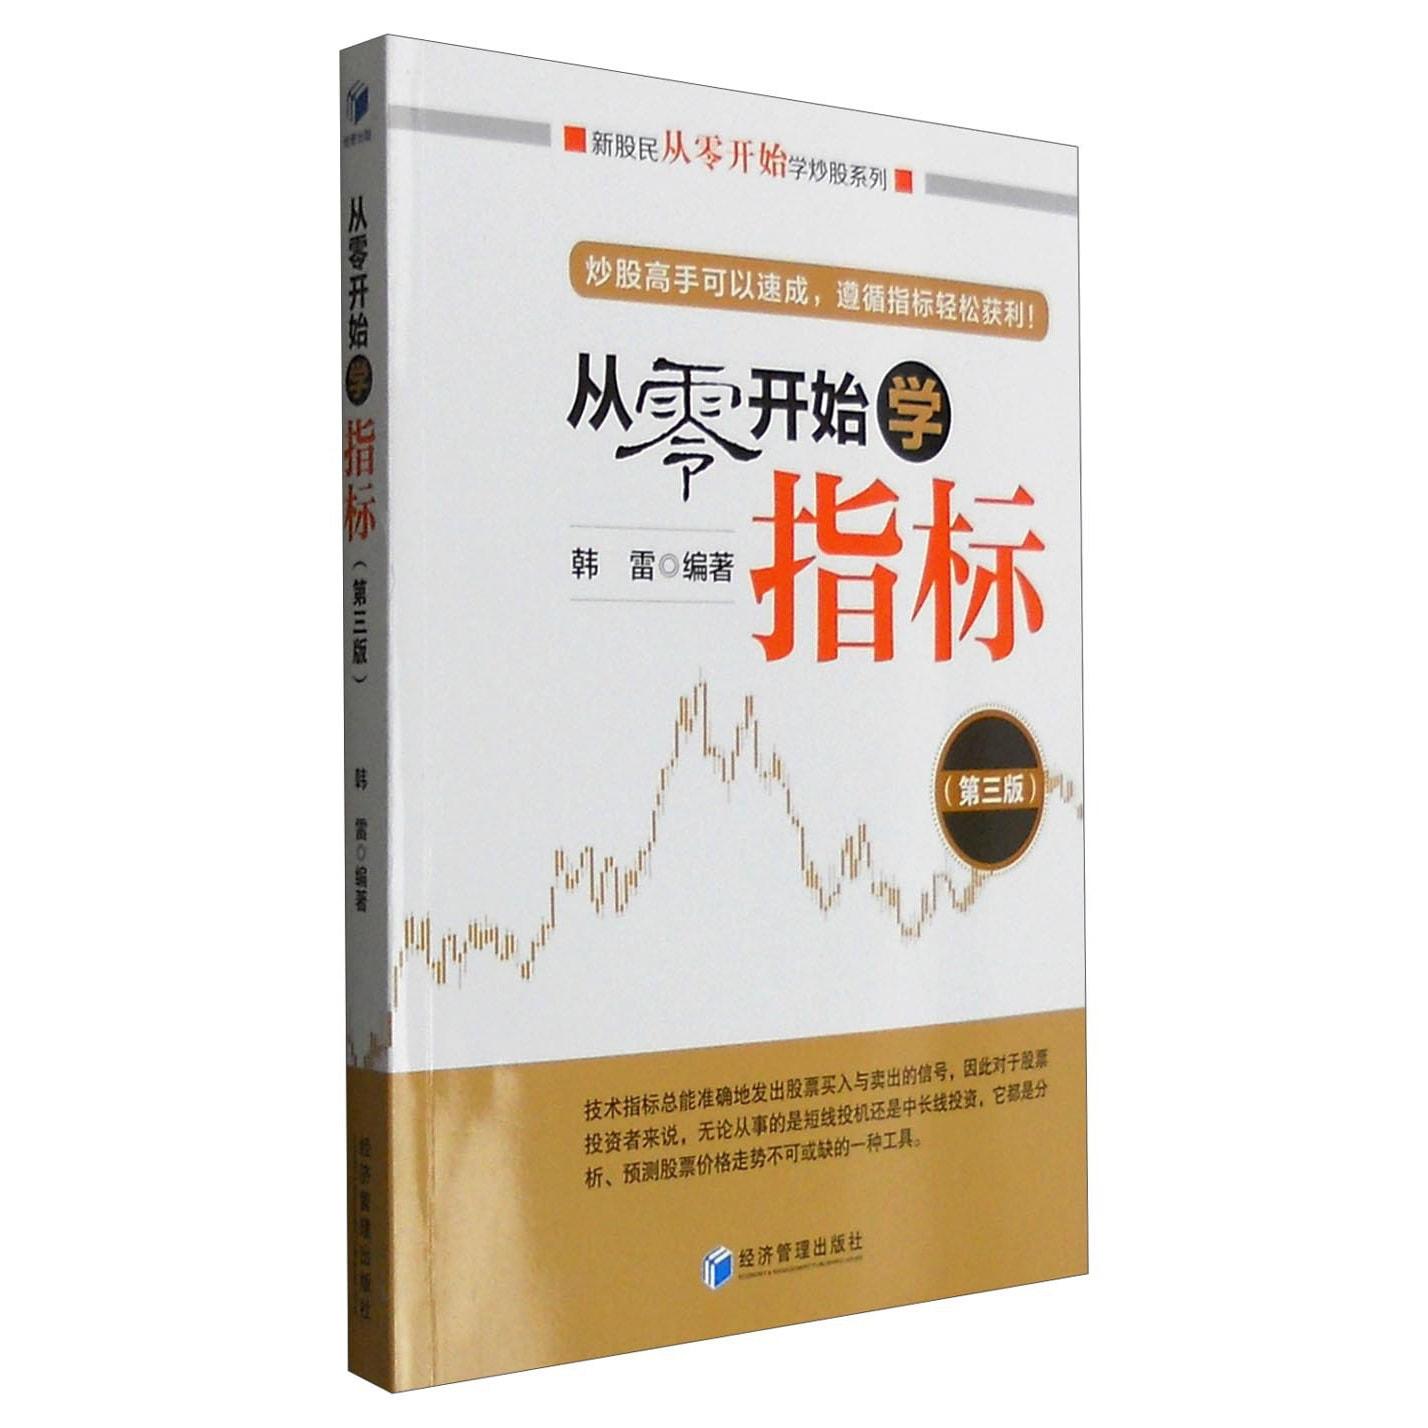 新股民从零开始学炒股系列:从零开始学指标(第三版) 怎么样 - 亚米网